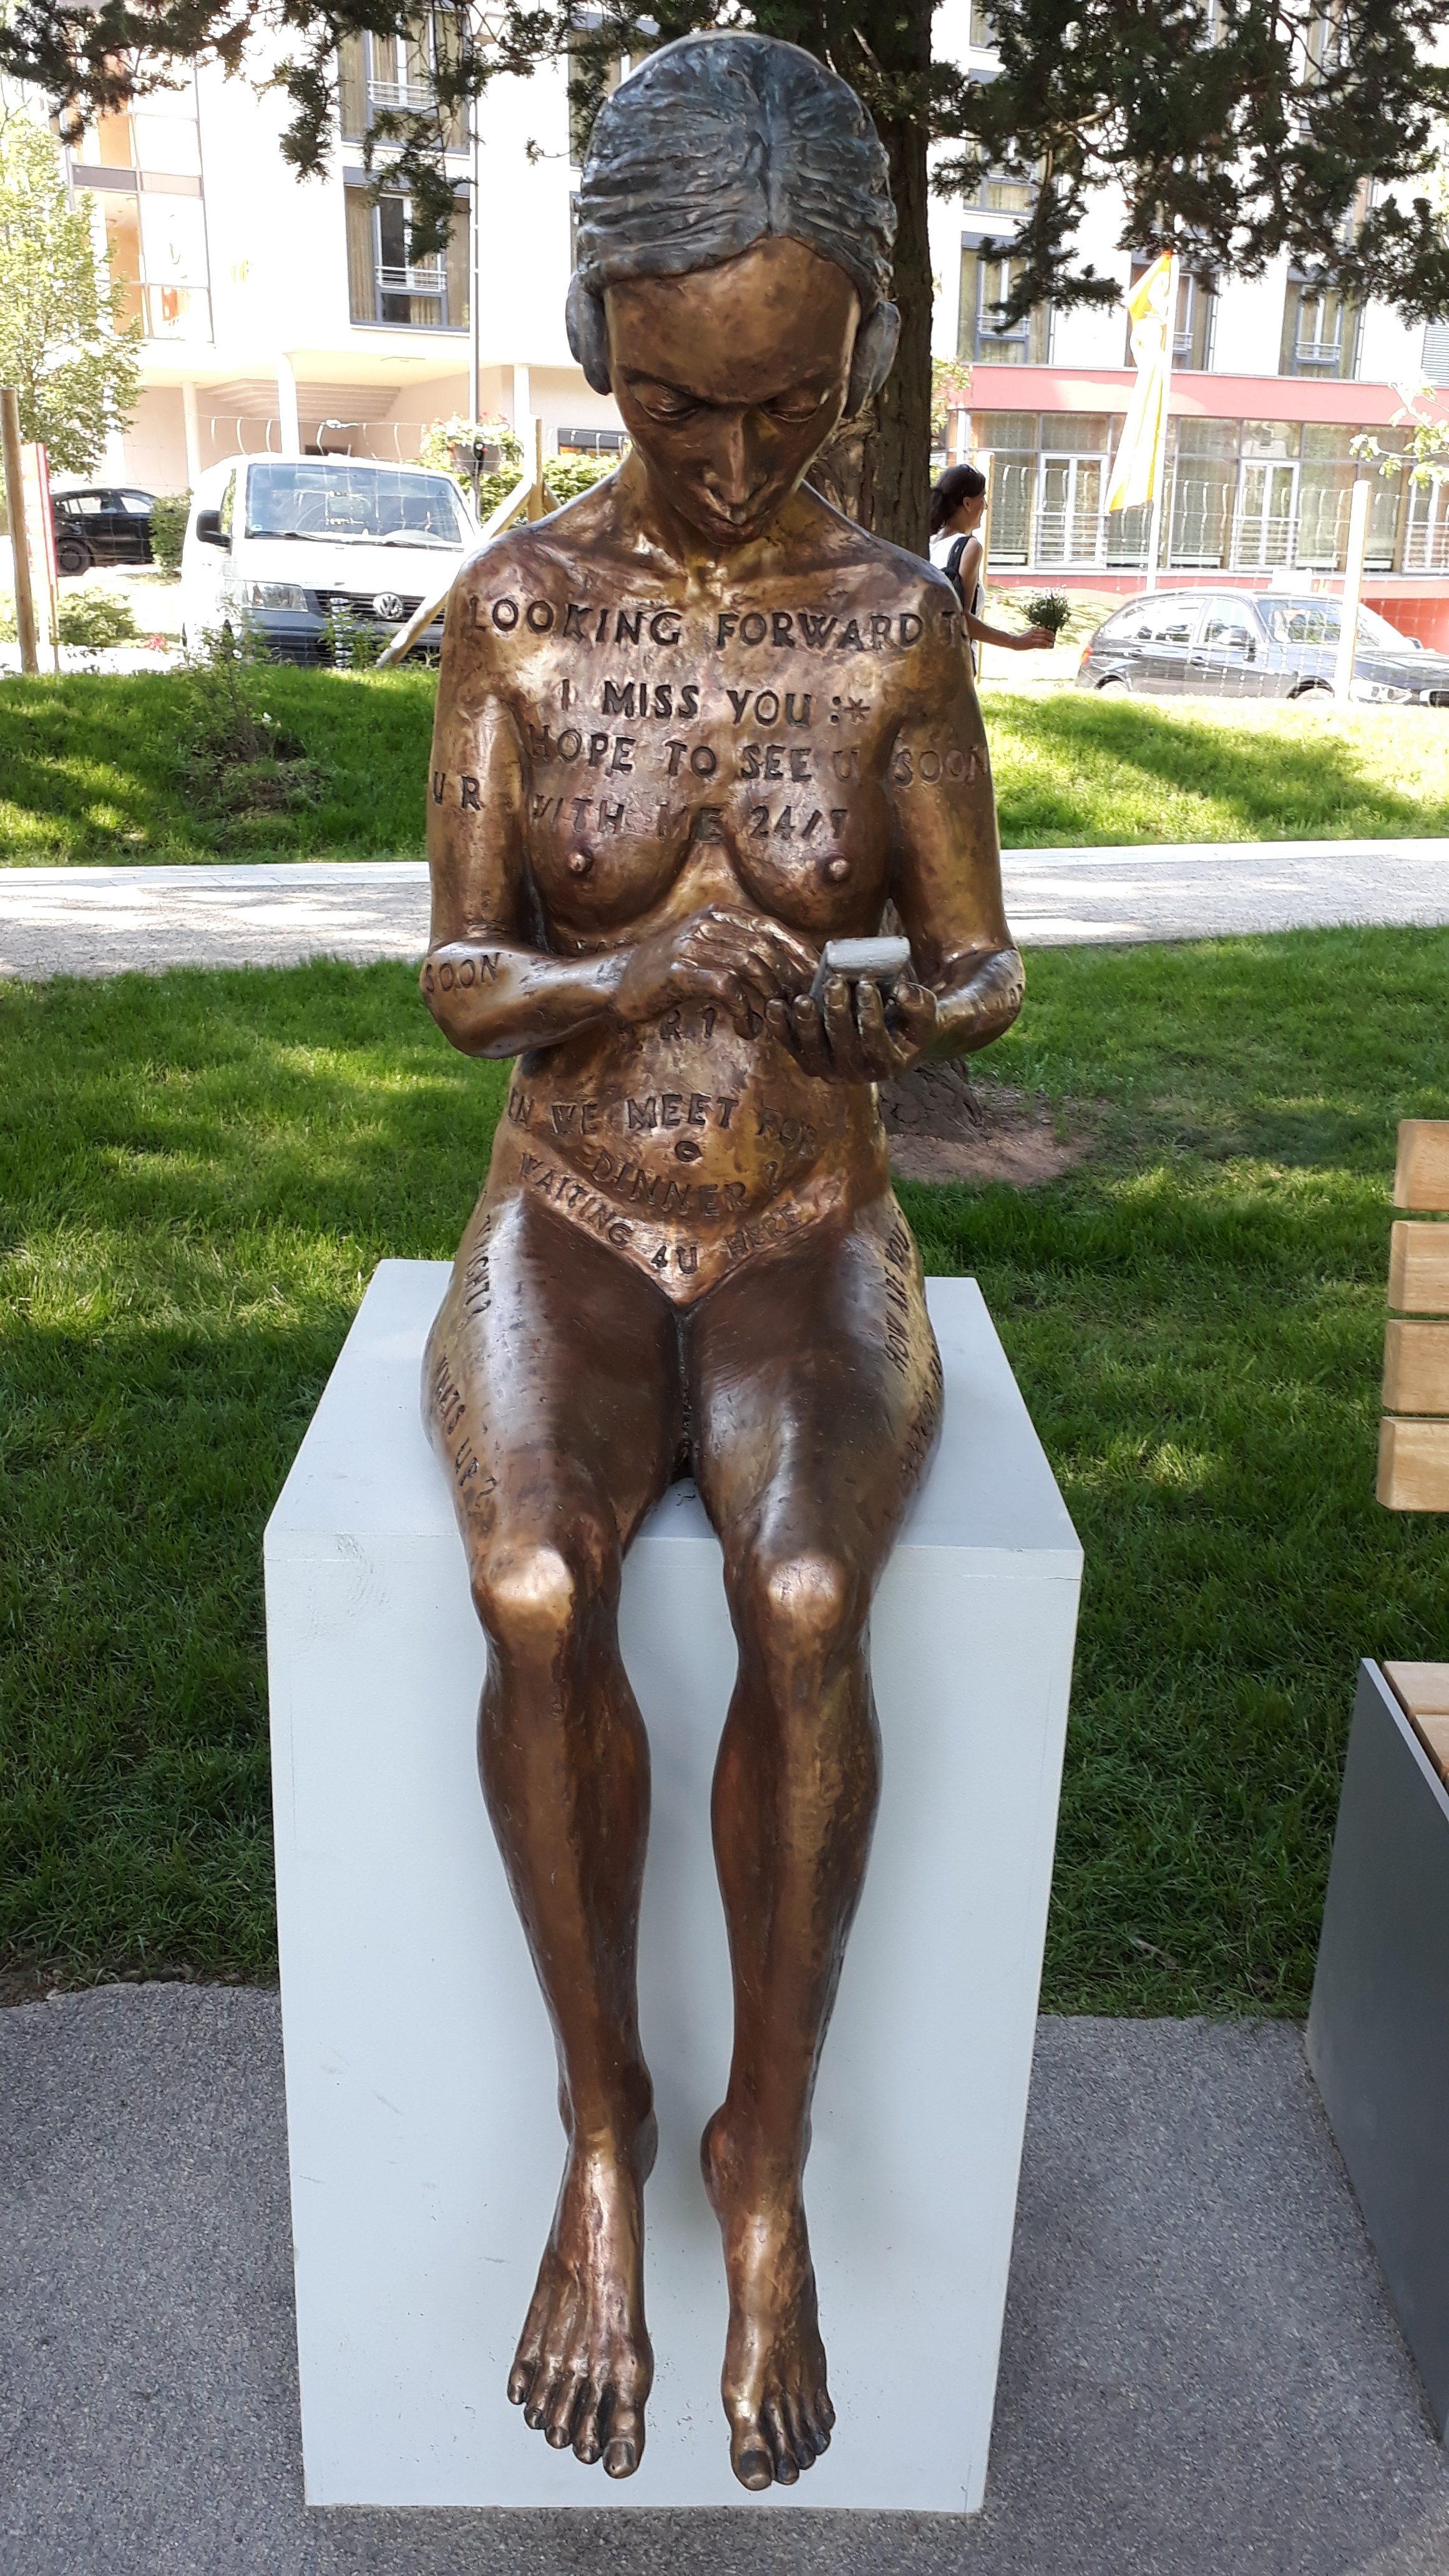 Online-Romance im einmaligen Skulpturenpark der Gartenschau in Bad Herrenalb www.bestager-reiseblog.de